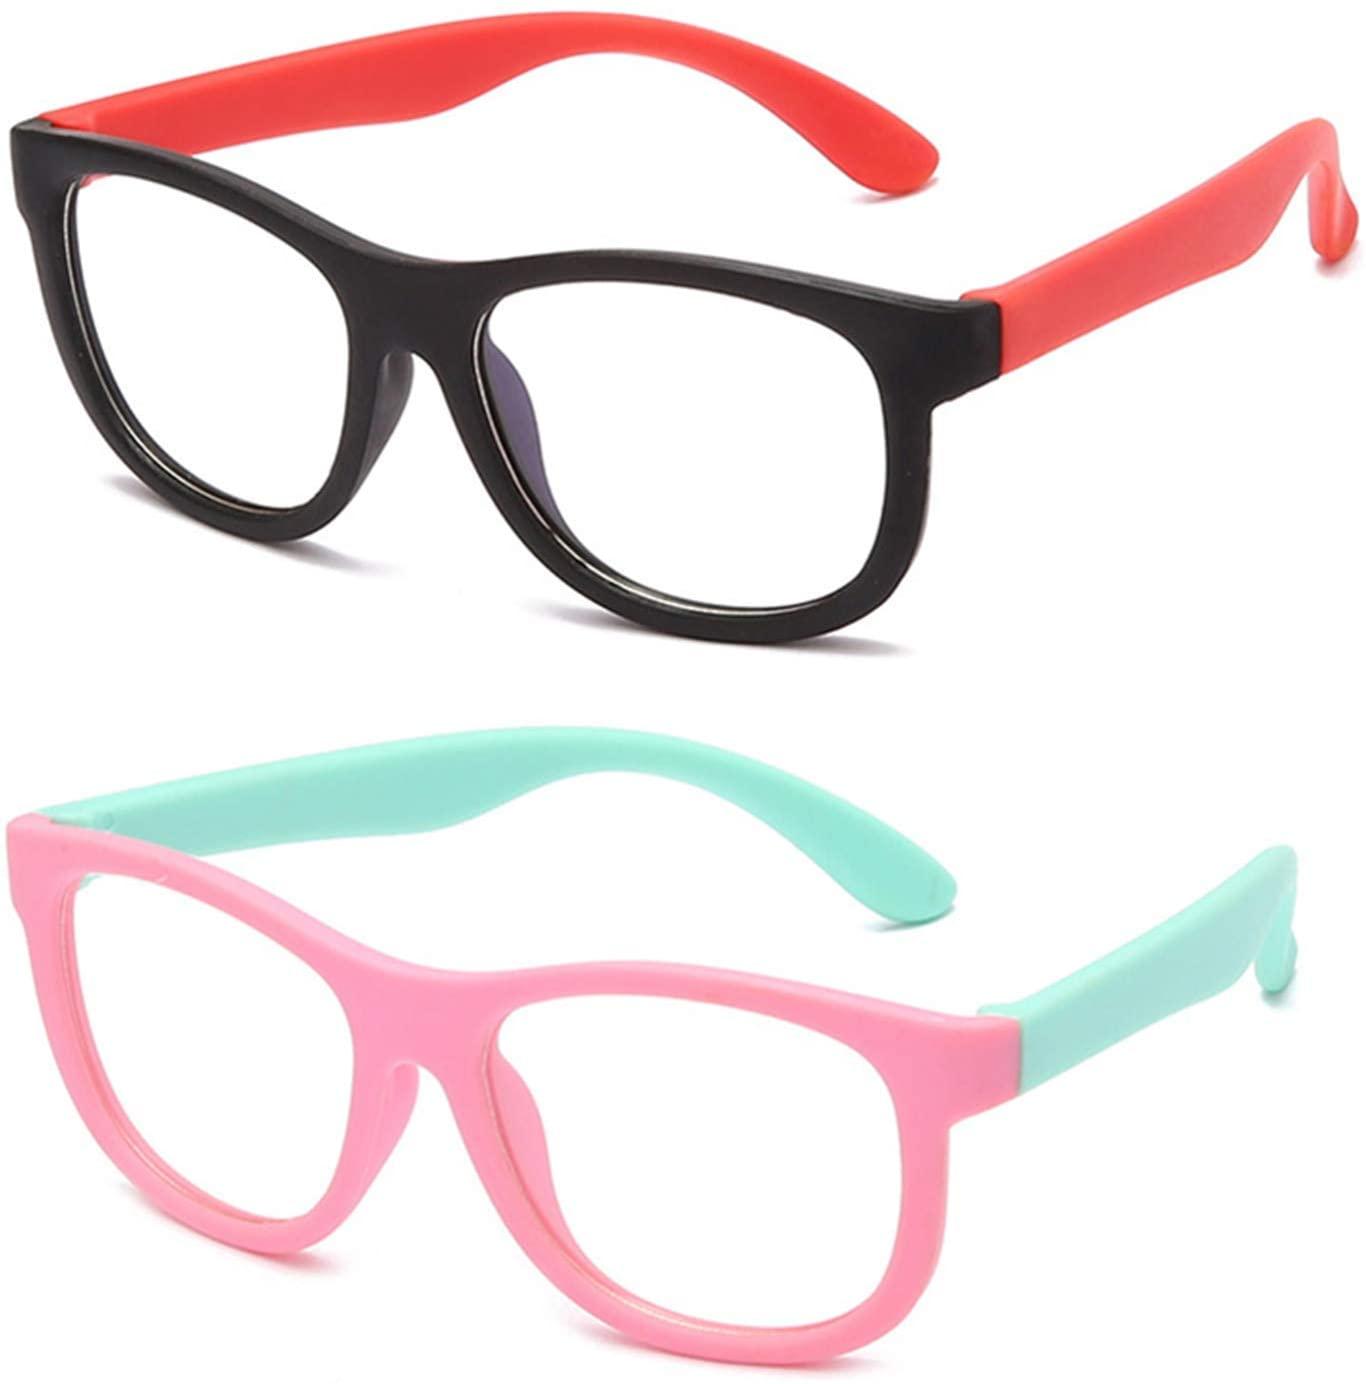 2PCS Kids Blue Light Blocking Glasses for Boys Girls, Rubber Flexible Frame,for Age 3-12 (Pink Green/Black Green)